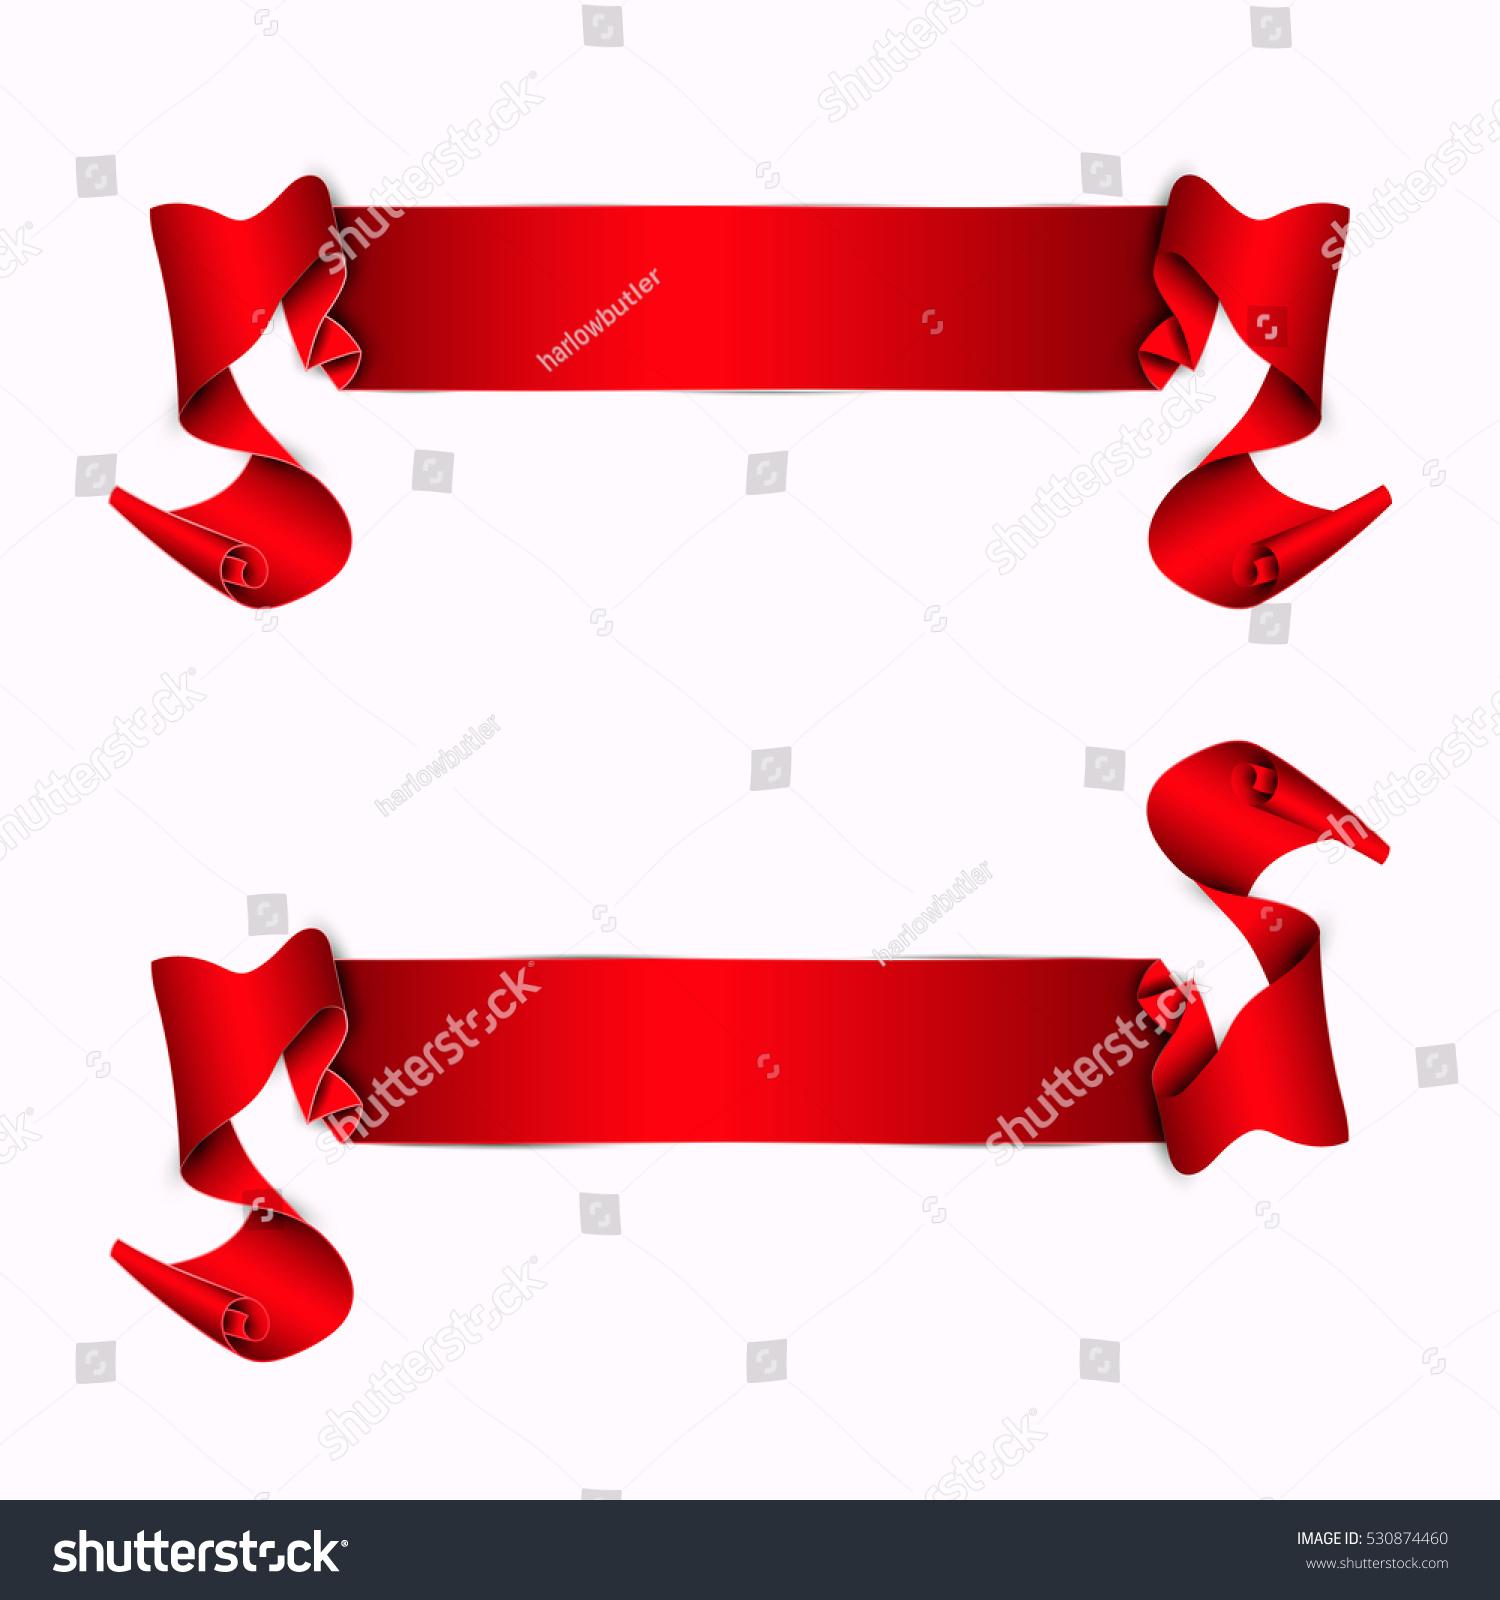 vector ribbon banner ribbon set stock vector 530874460 shutterstock rh shutterstock com vector ribbon banner black and white vector ribbon banner eps free